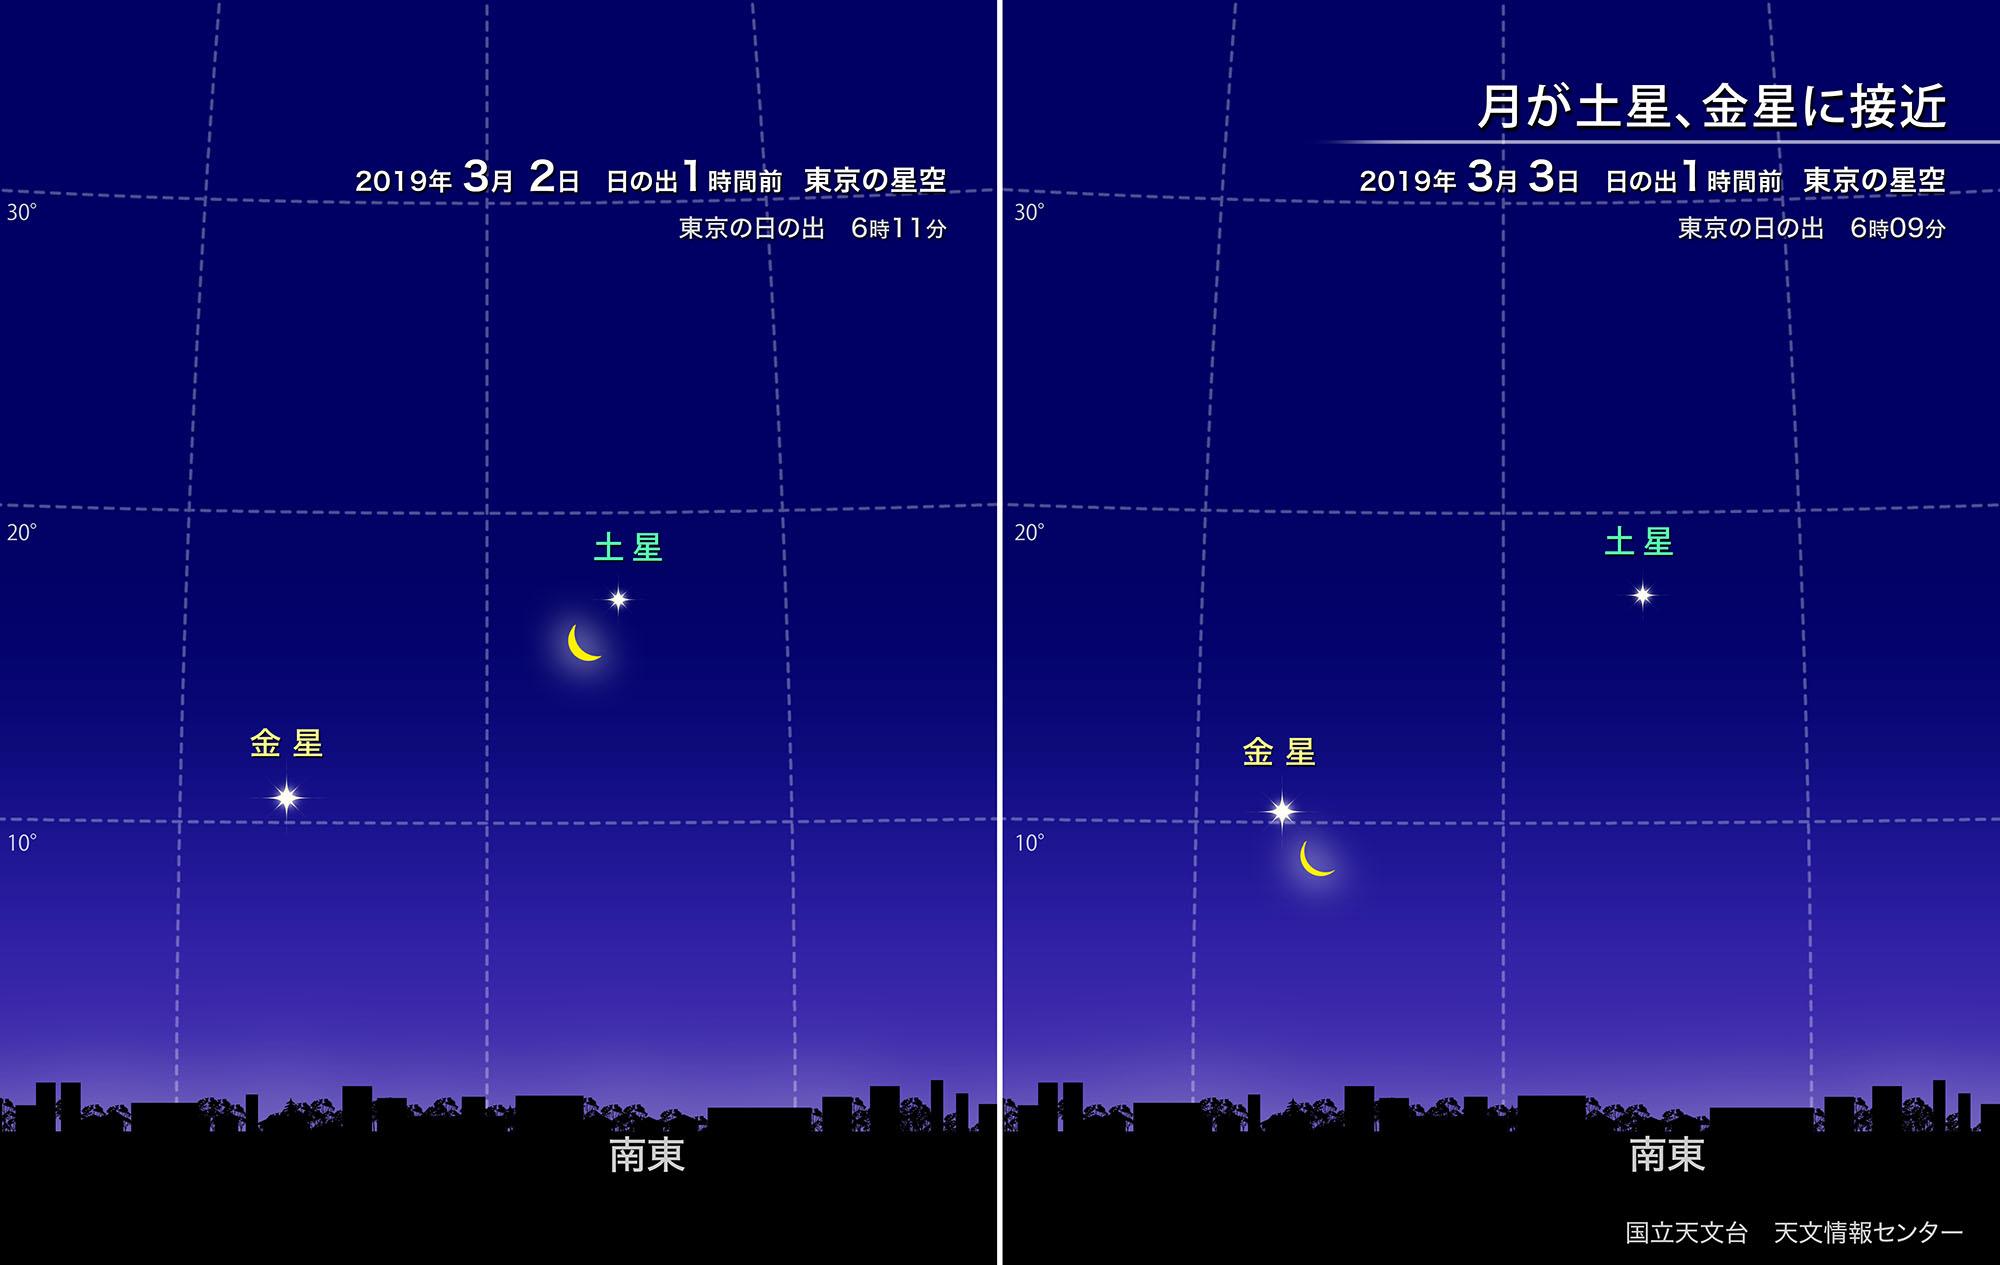 月が土星、金星に接近(2019年3月) | 国立天文台(NAOJ)